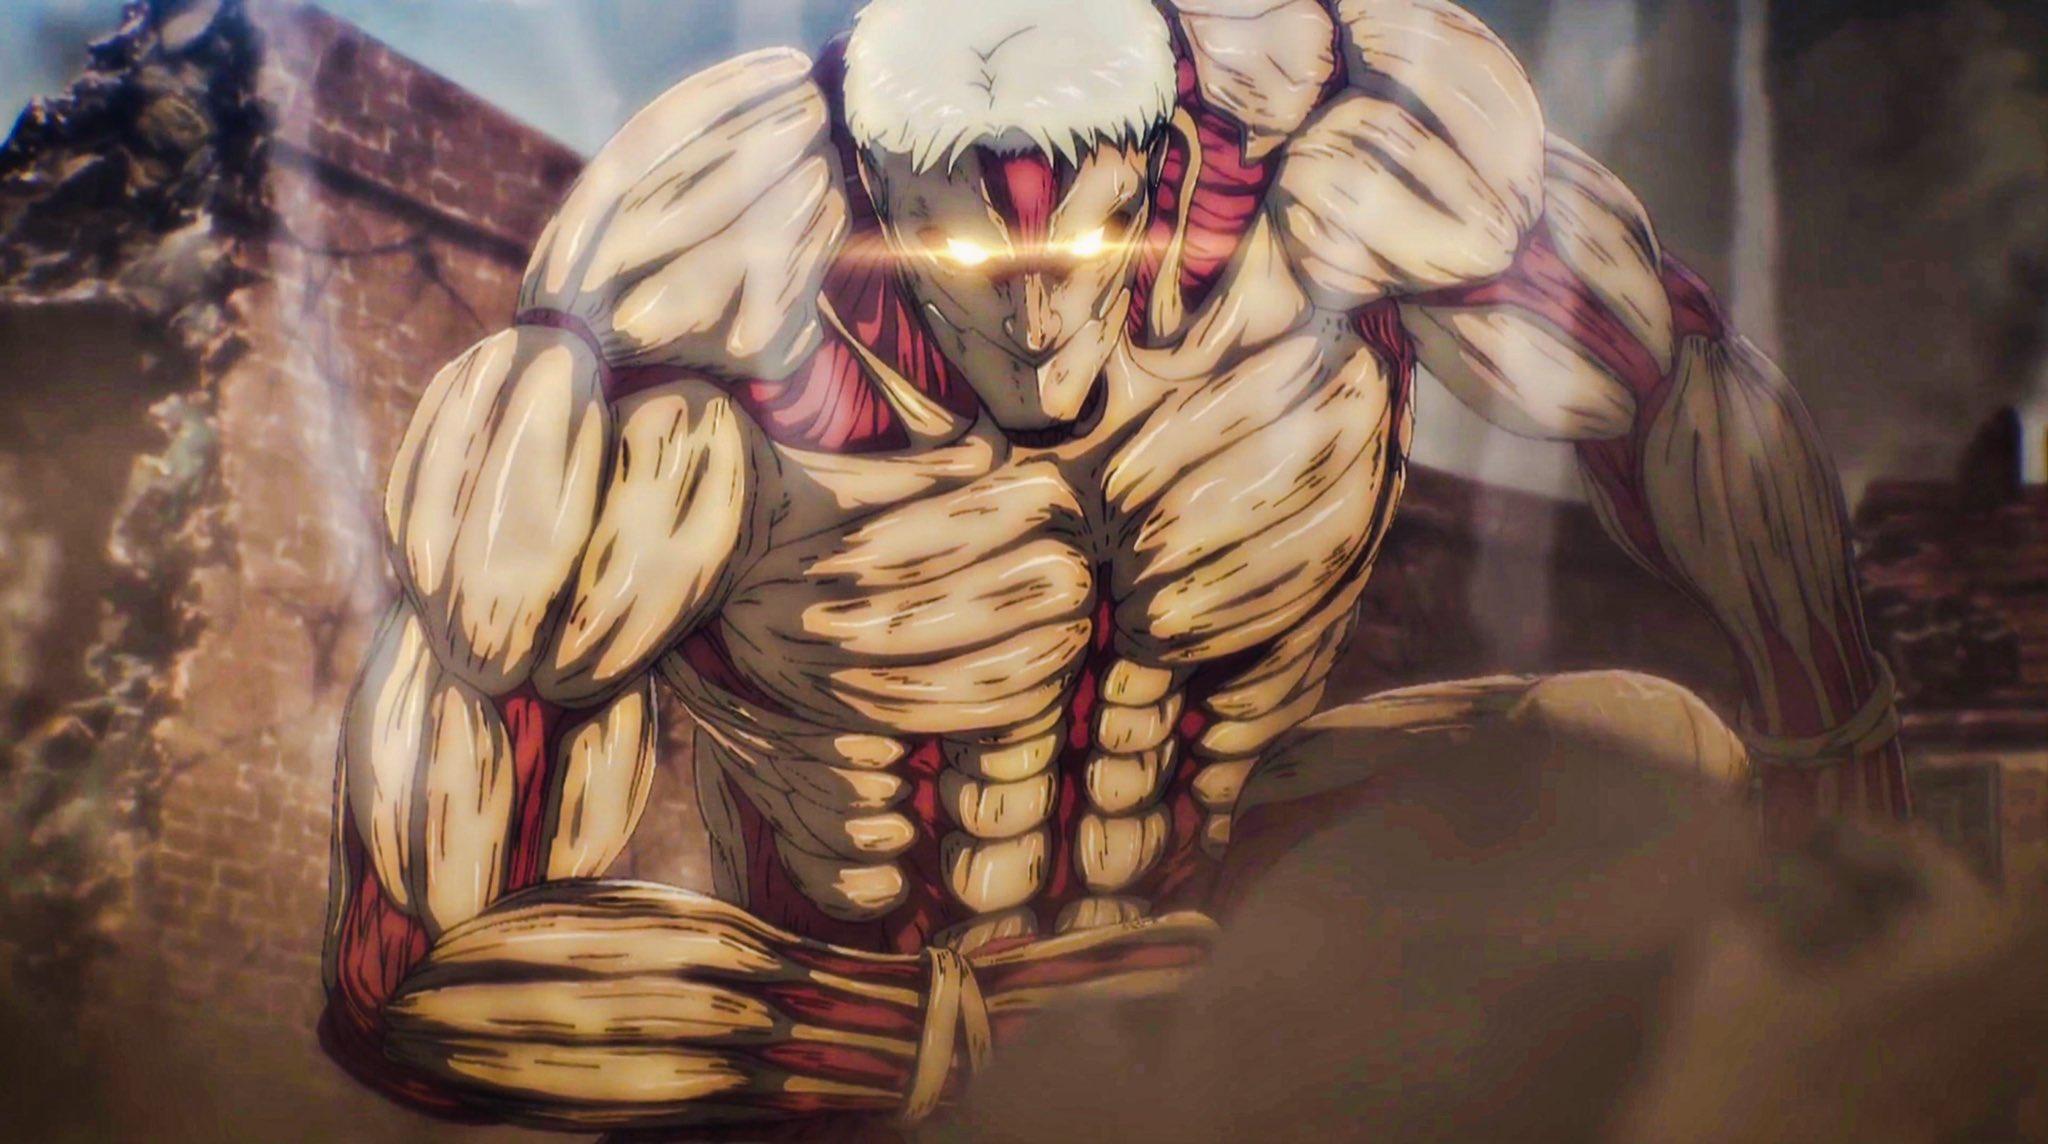 Shingeki no Kyojin Season 4 Episode 1